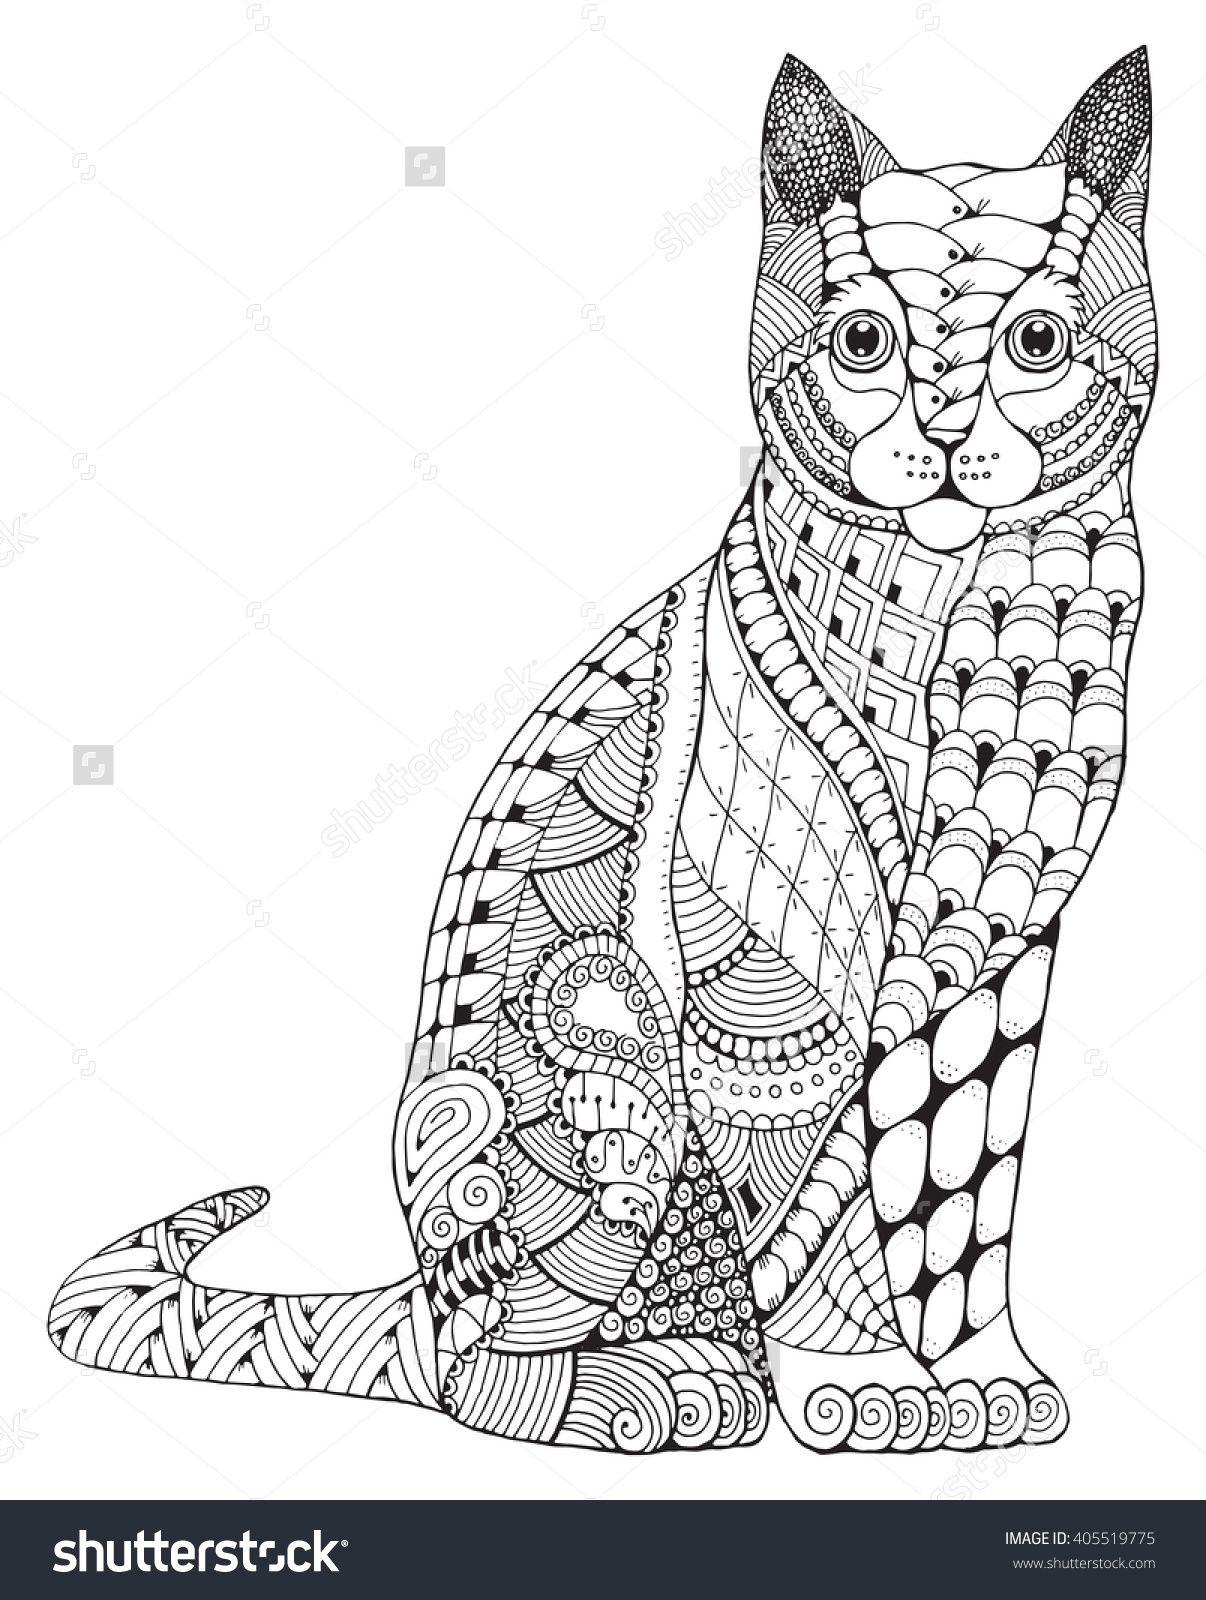 Zentangle cat coloring page | Kleurplaten